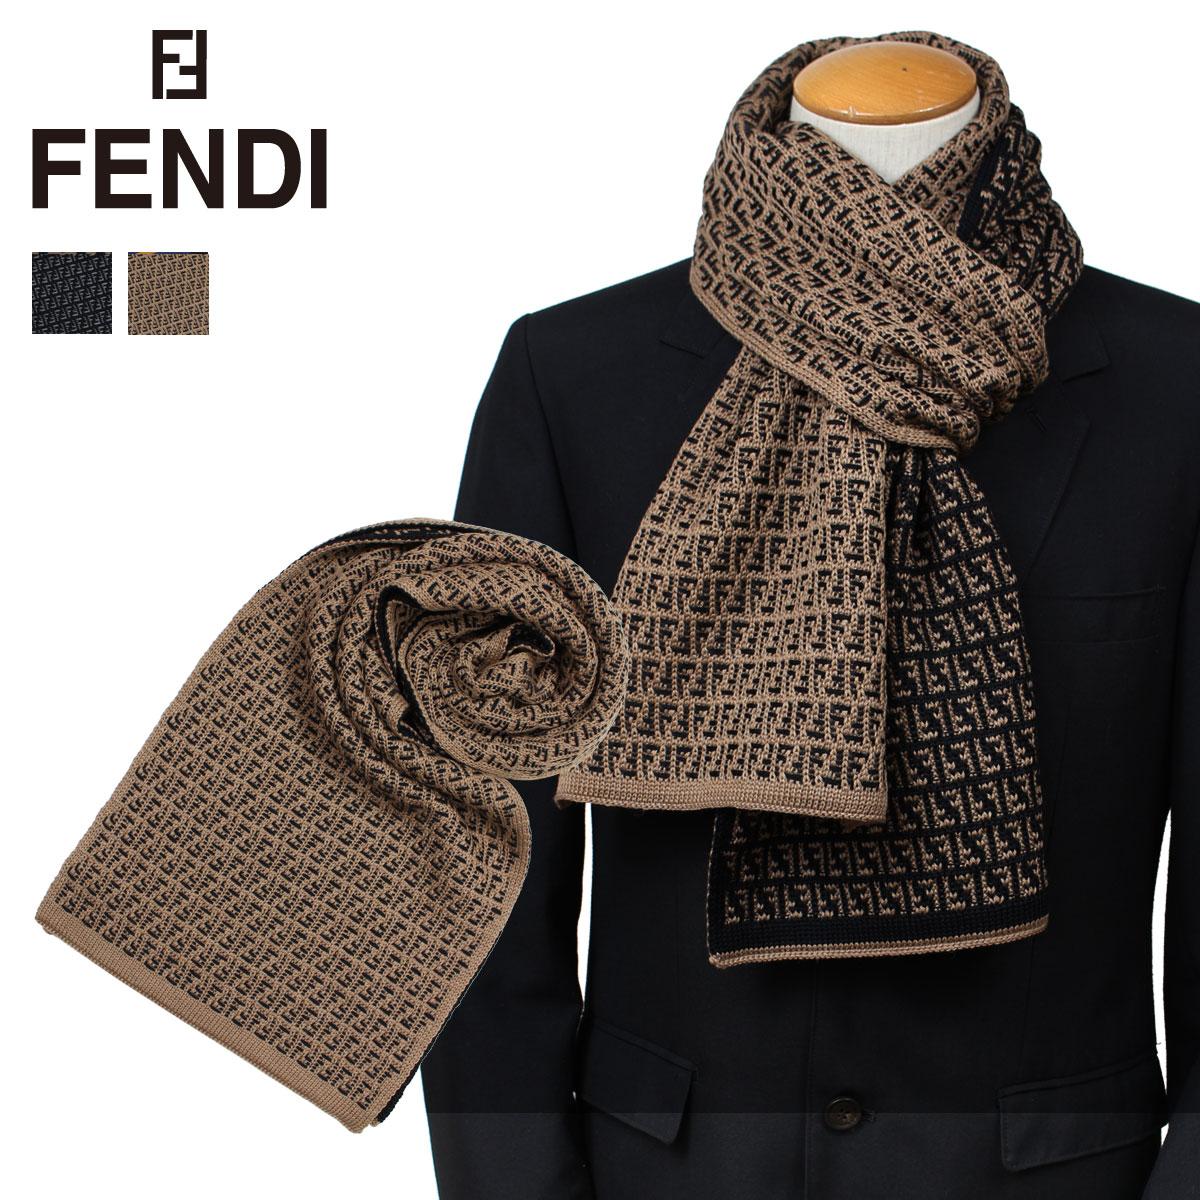 FENDI フェンディ マフラー メンズ ウール ブラック ブラウン FXS124 I17 [9/26 新入荷]